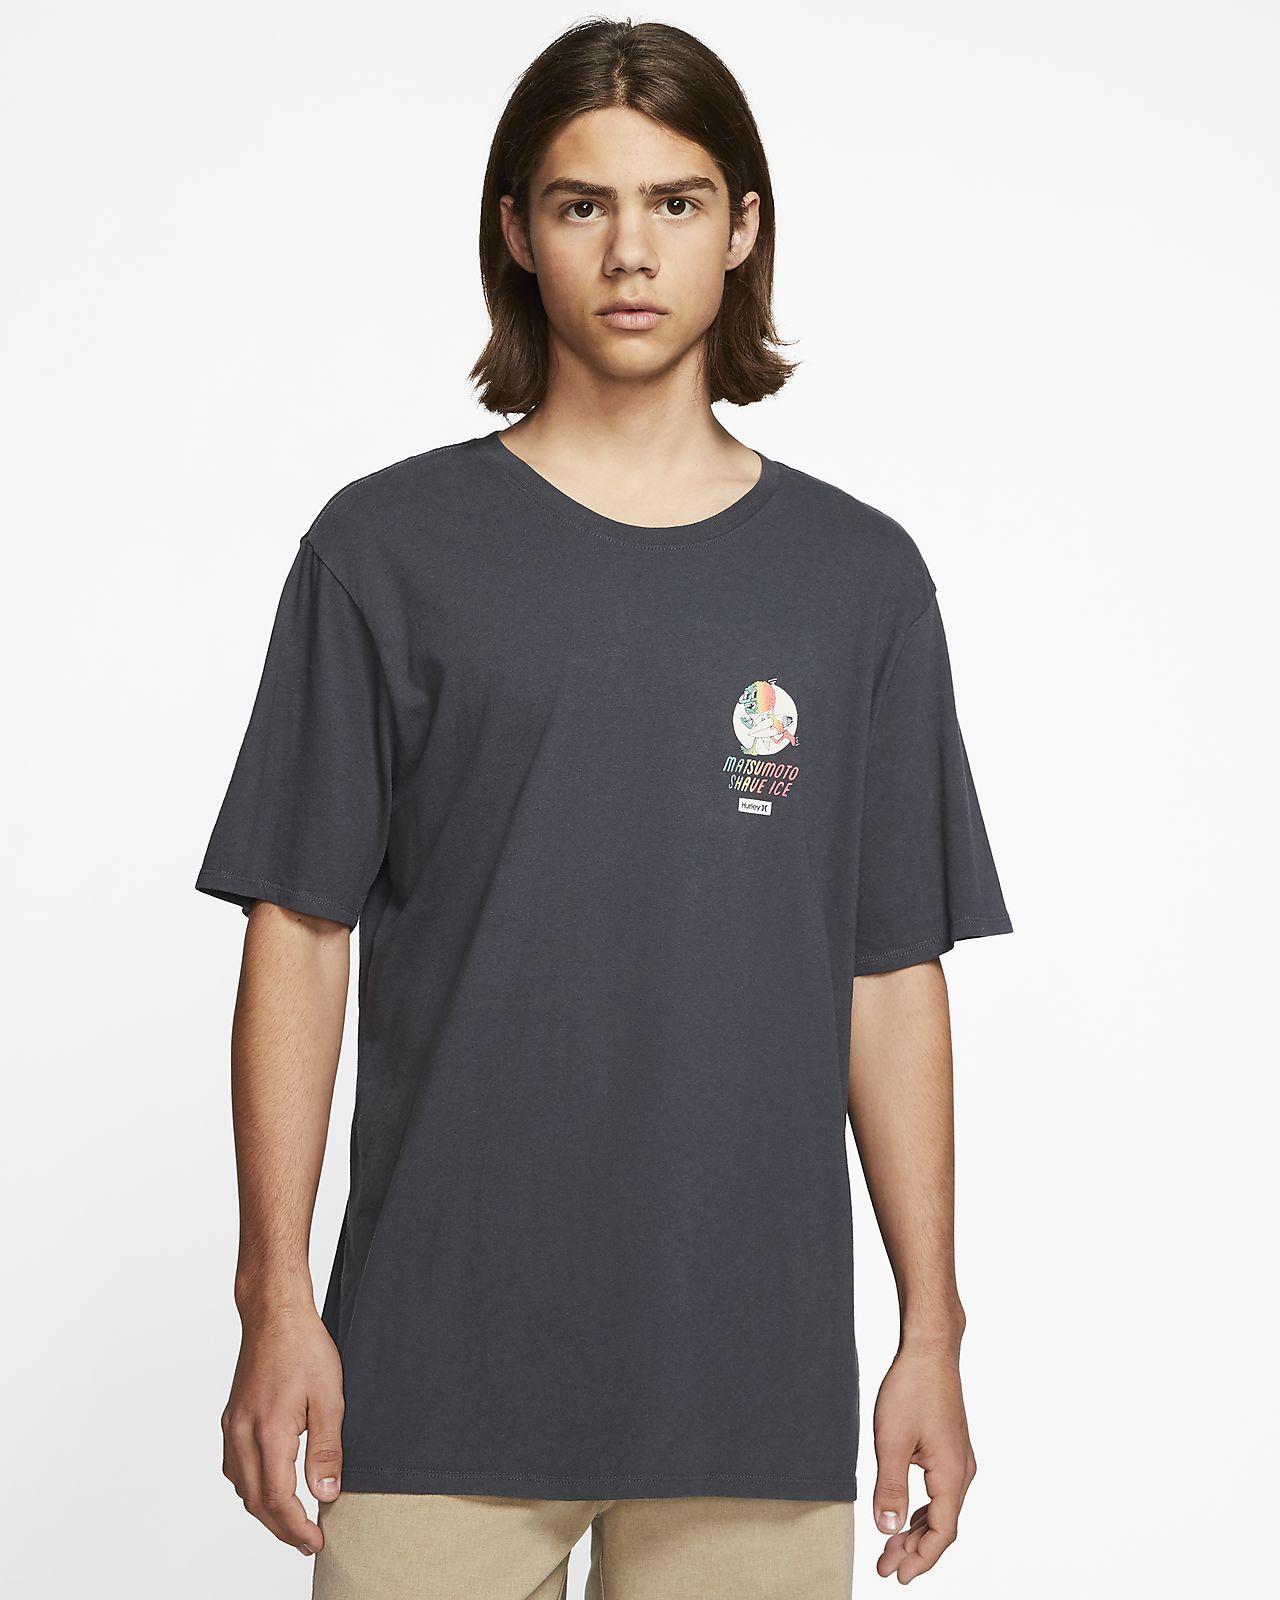 T-shirt Hurley x Matsumoto Shave Ice för män